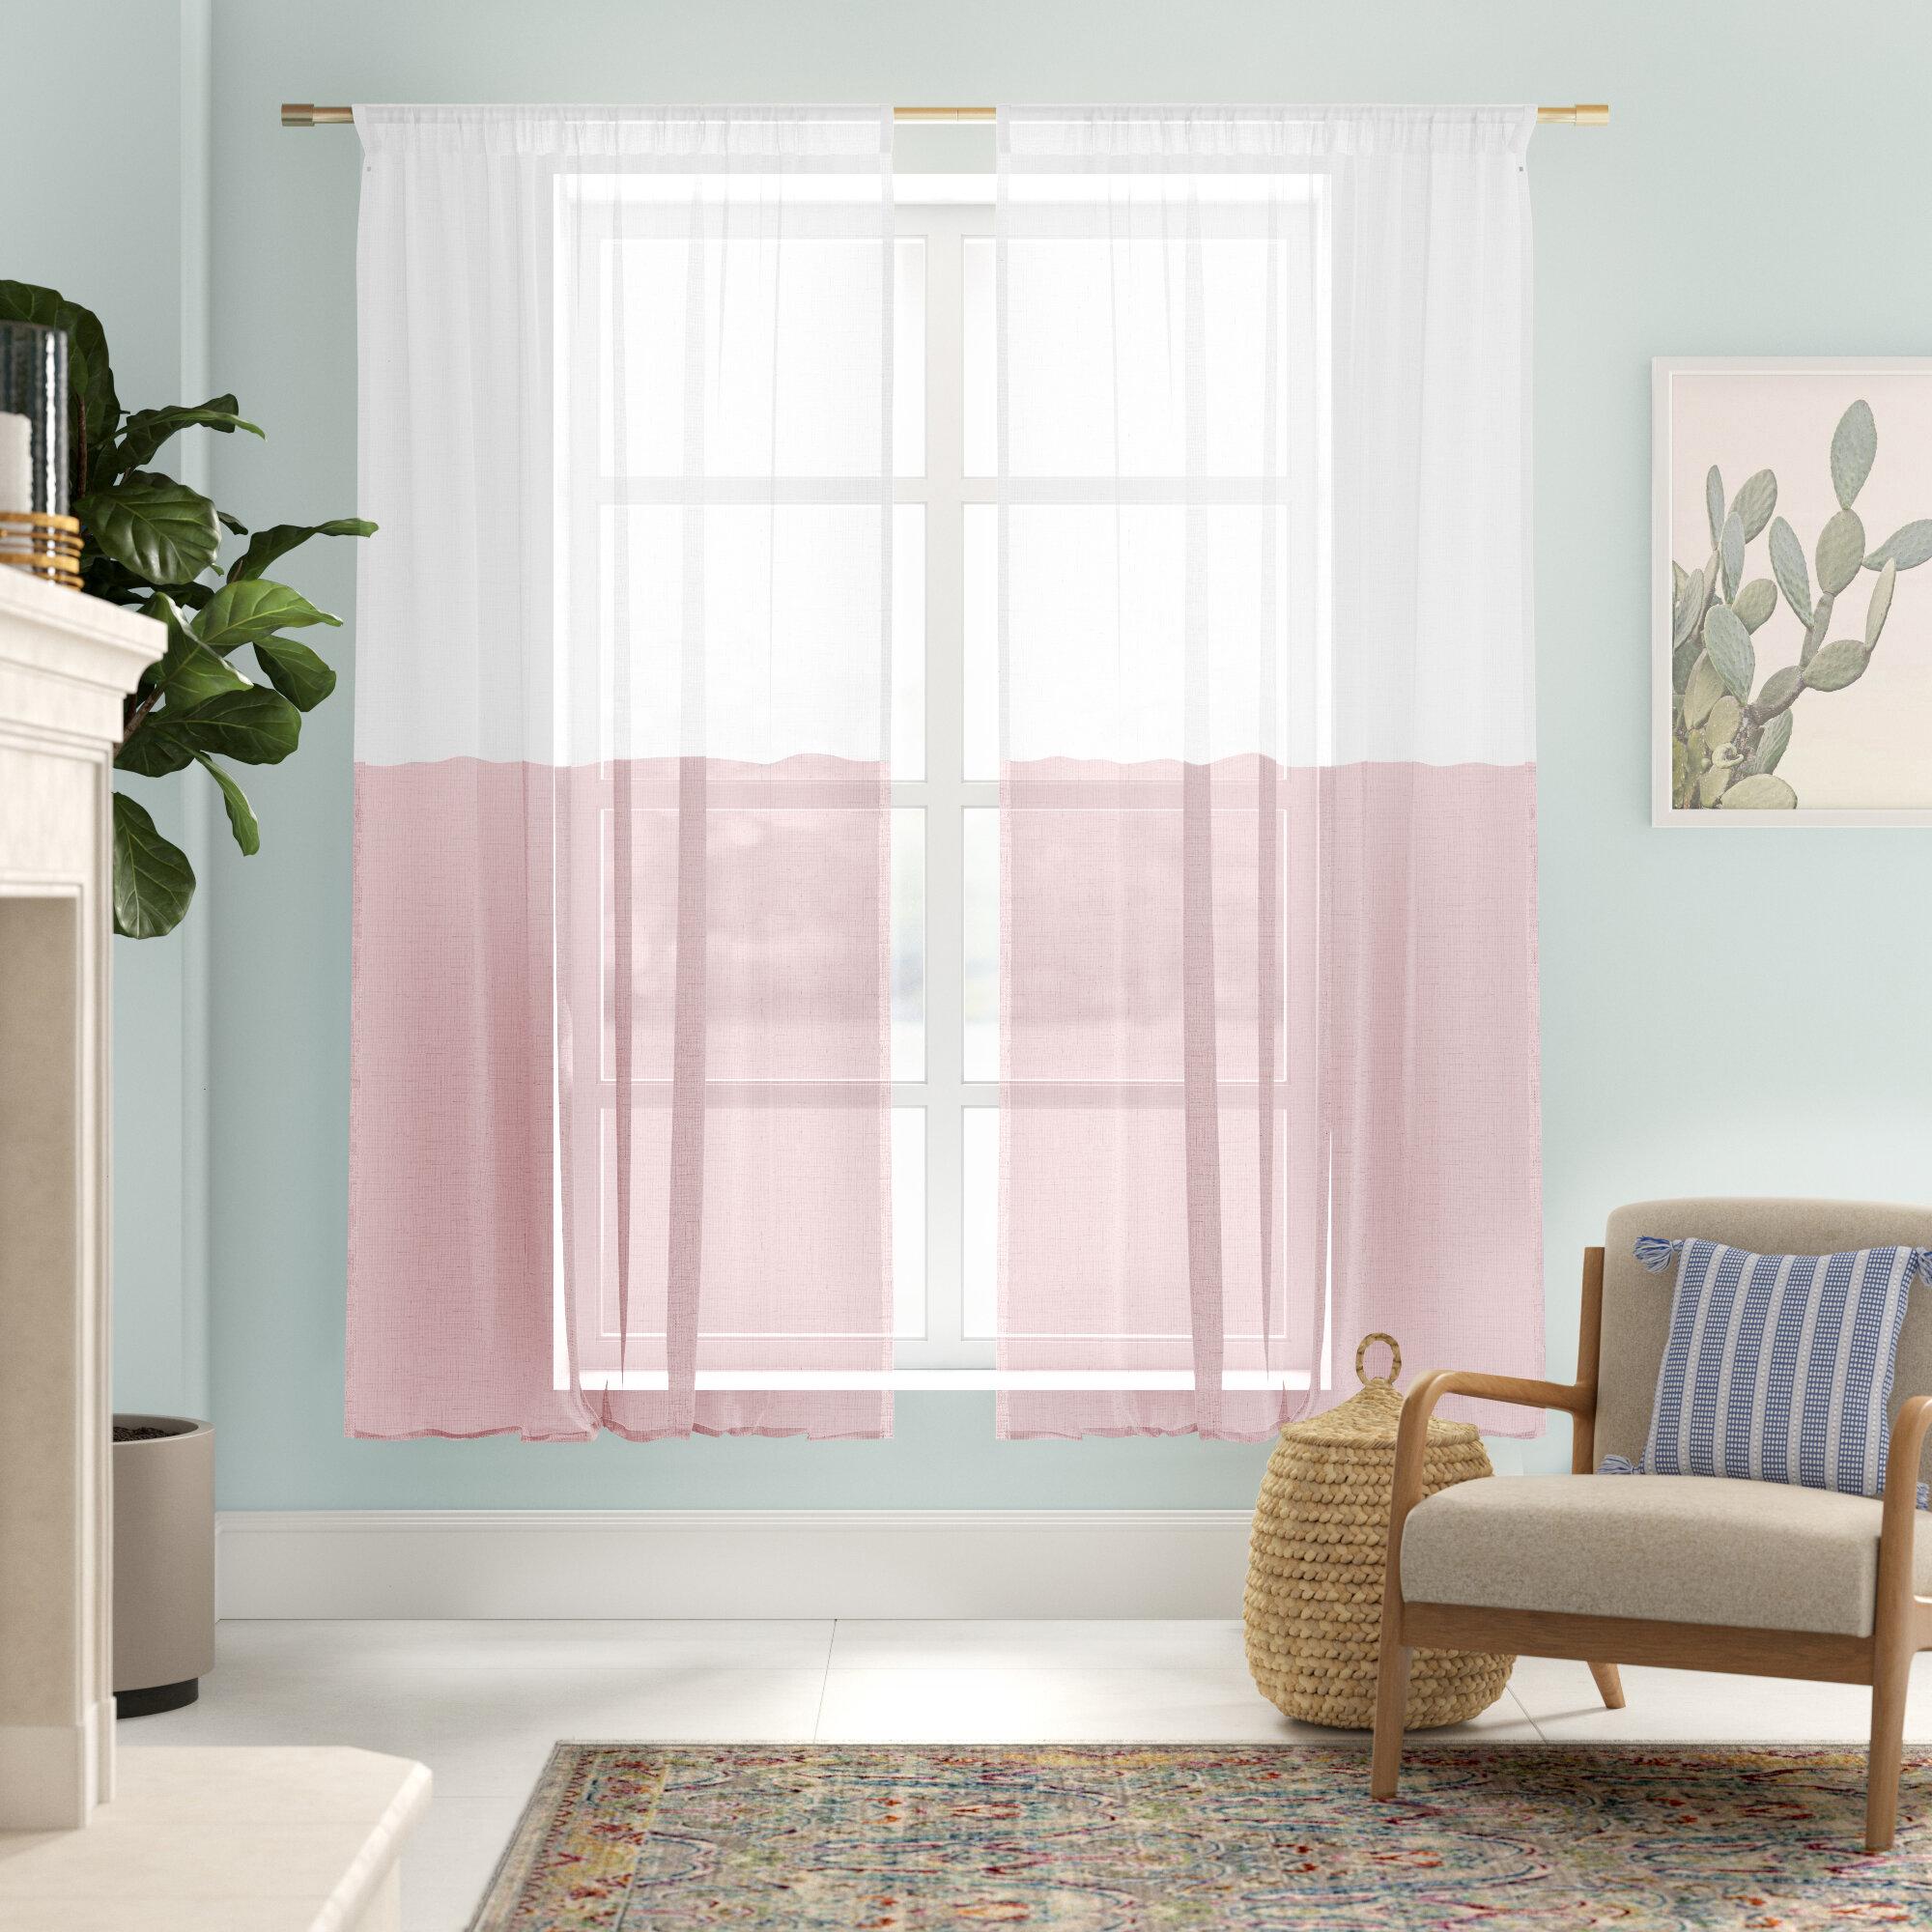 Renfro Linen Room Darkening Rod Pocket Single Curtain Panel Reviews Allmodern